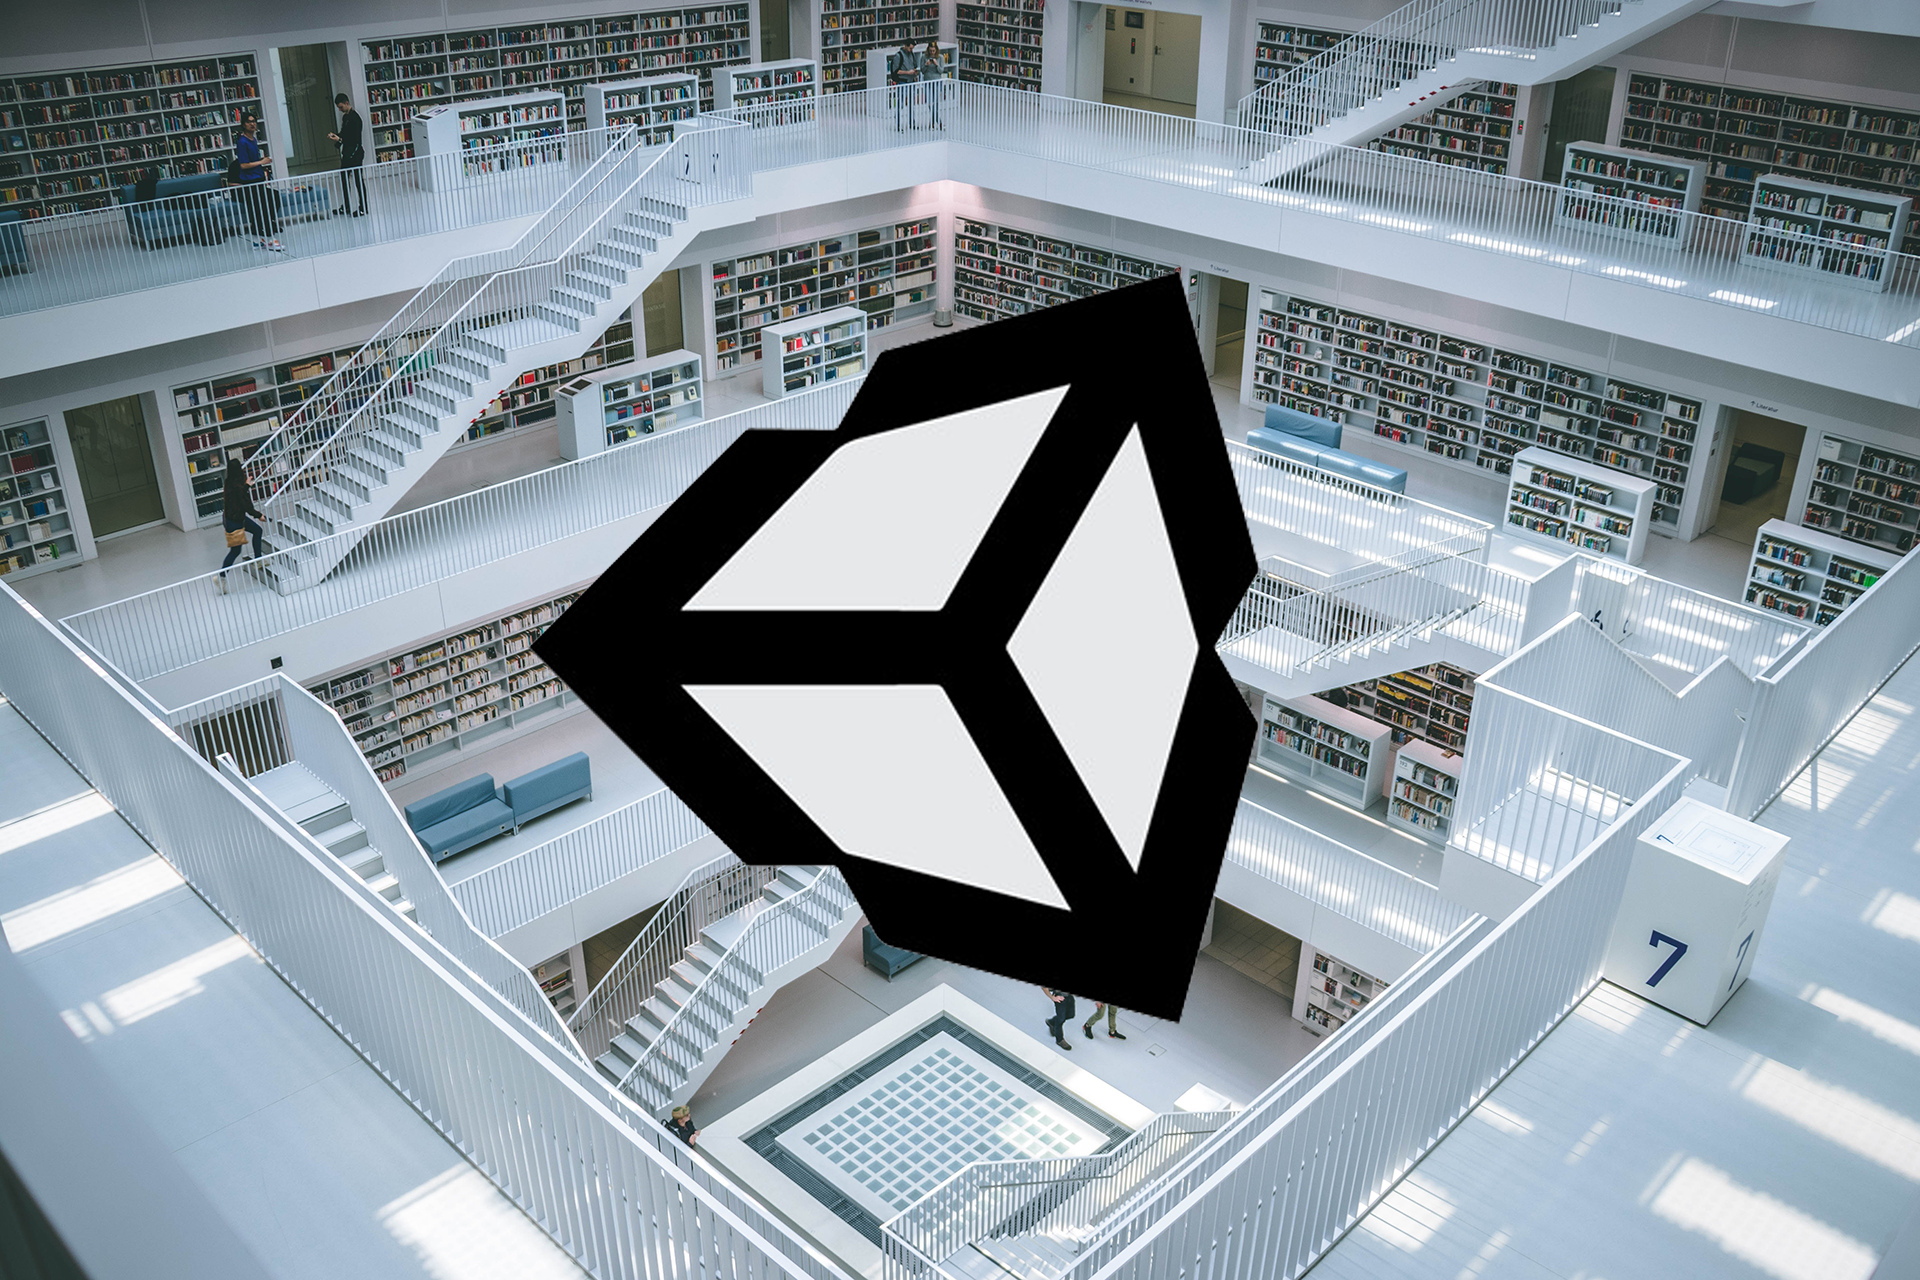 «Не надо скромничать. Пробуй!». Интервью о жизни, компиляторах и жизни в компиляторах с Alexandre Mutel из Unity - 2